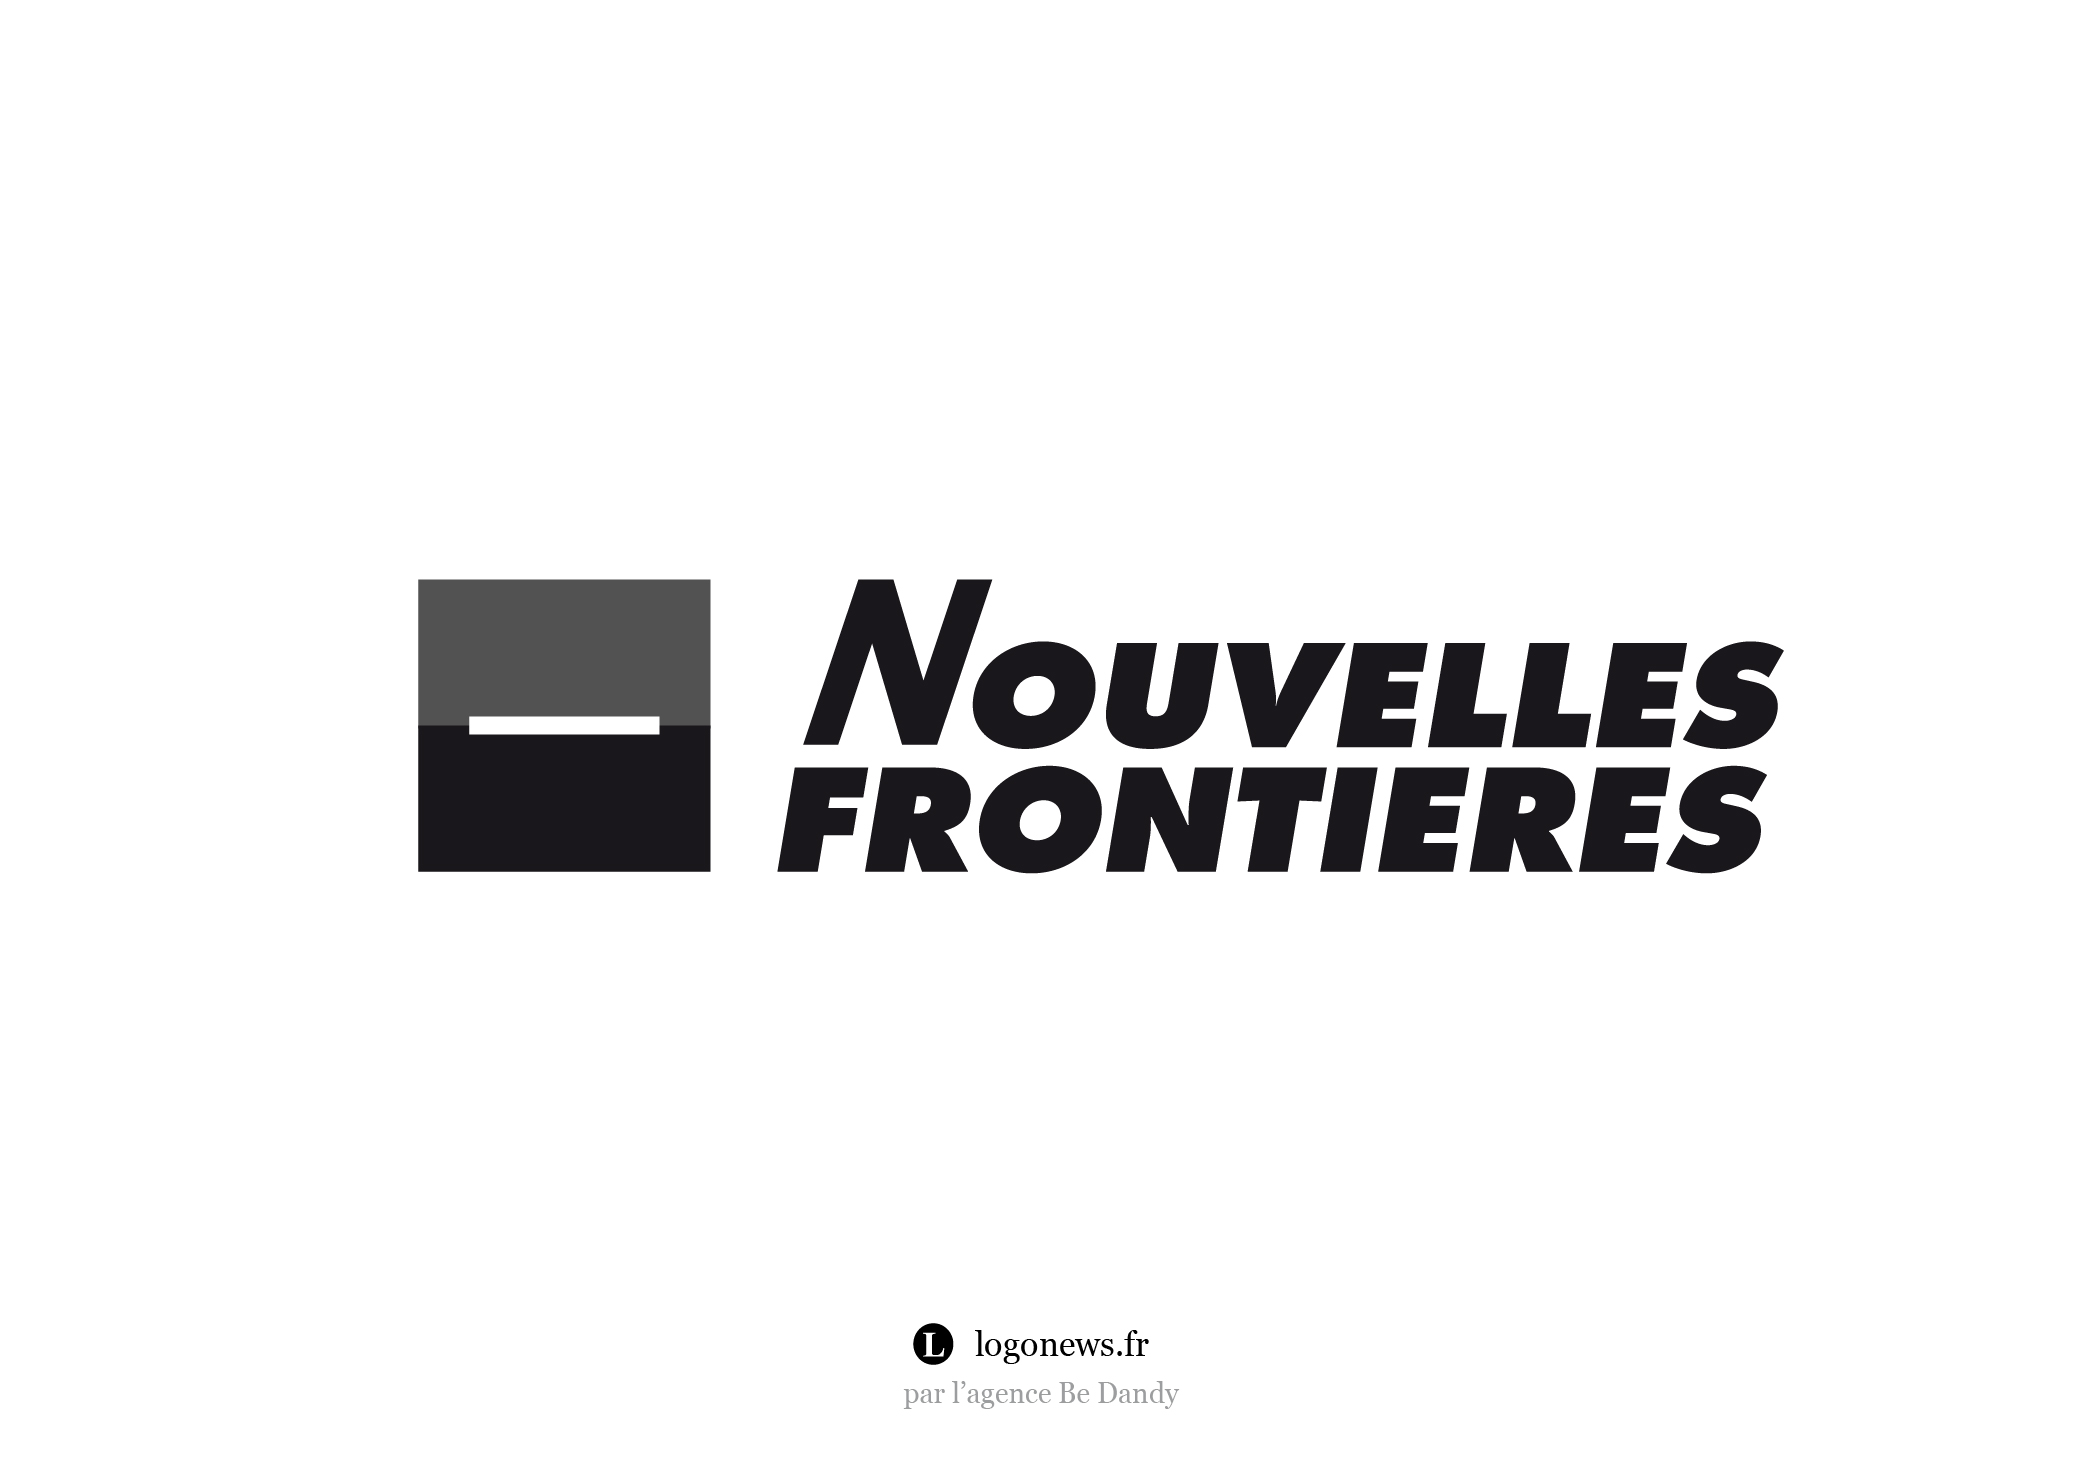 01_remix_logo_societe_generale_nouvelles_frontieres